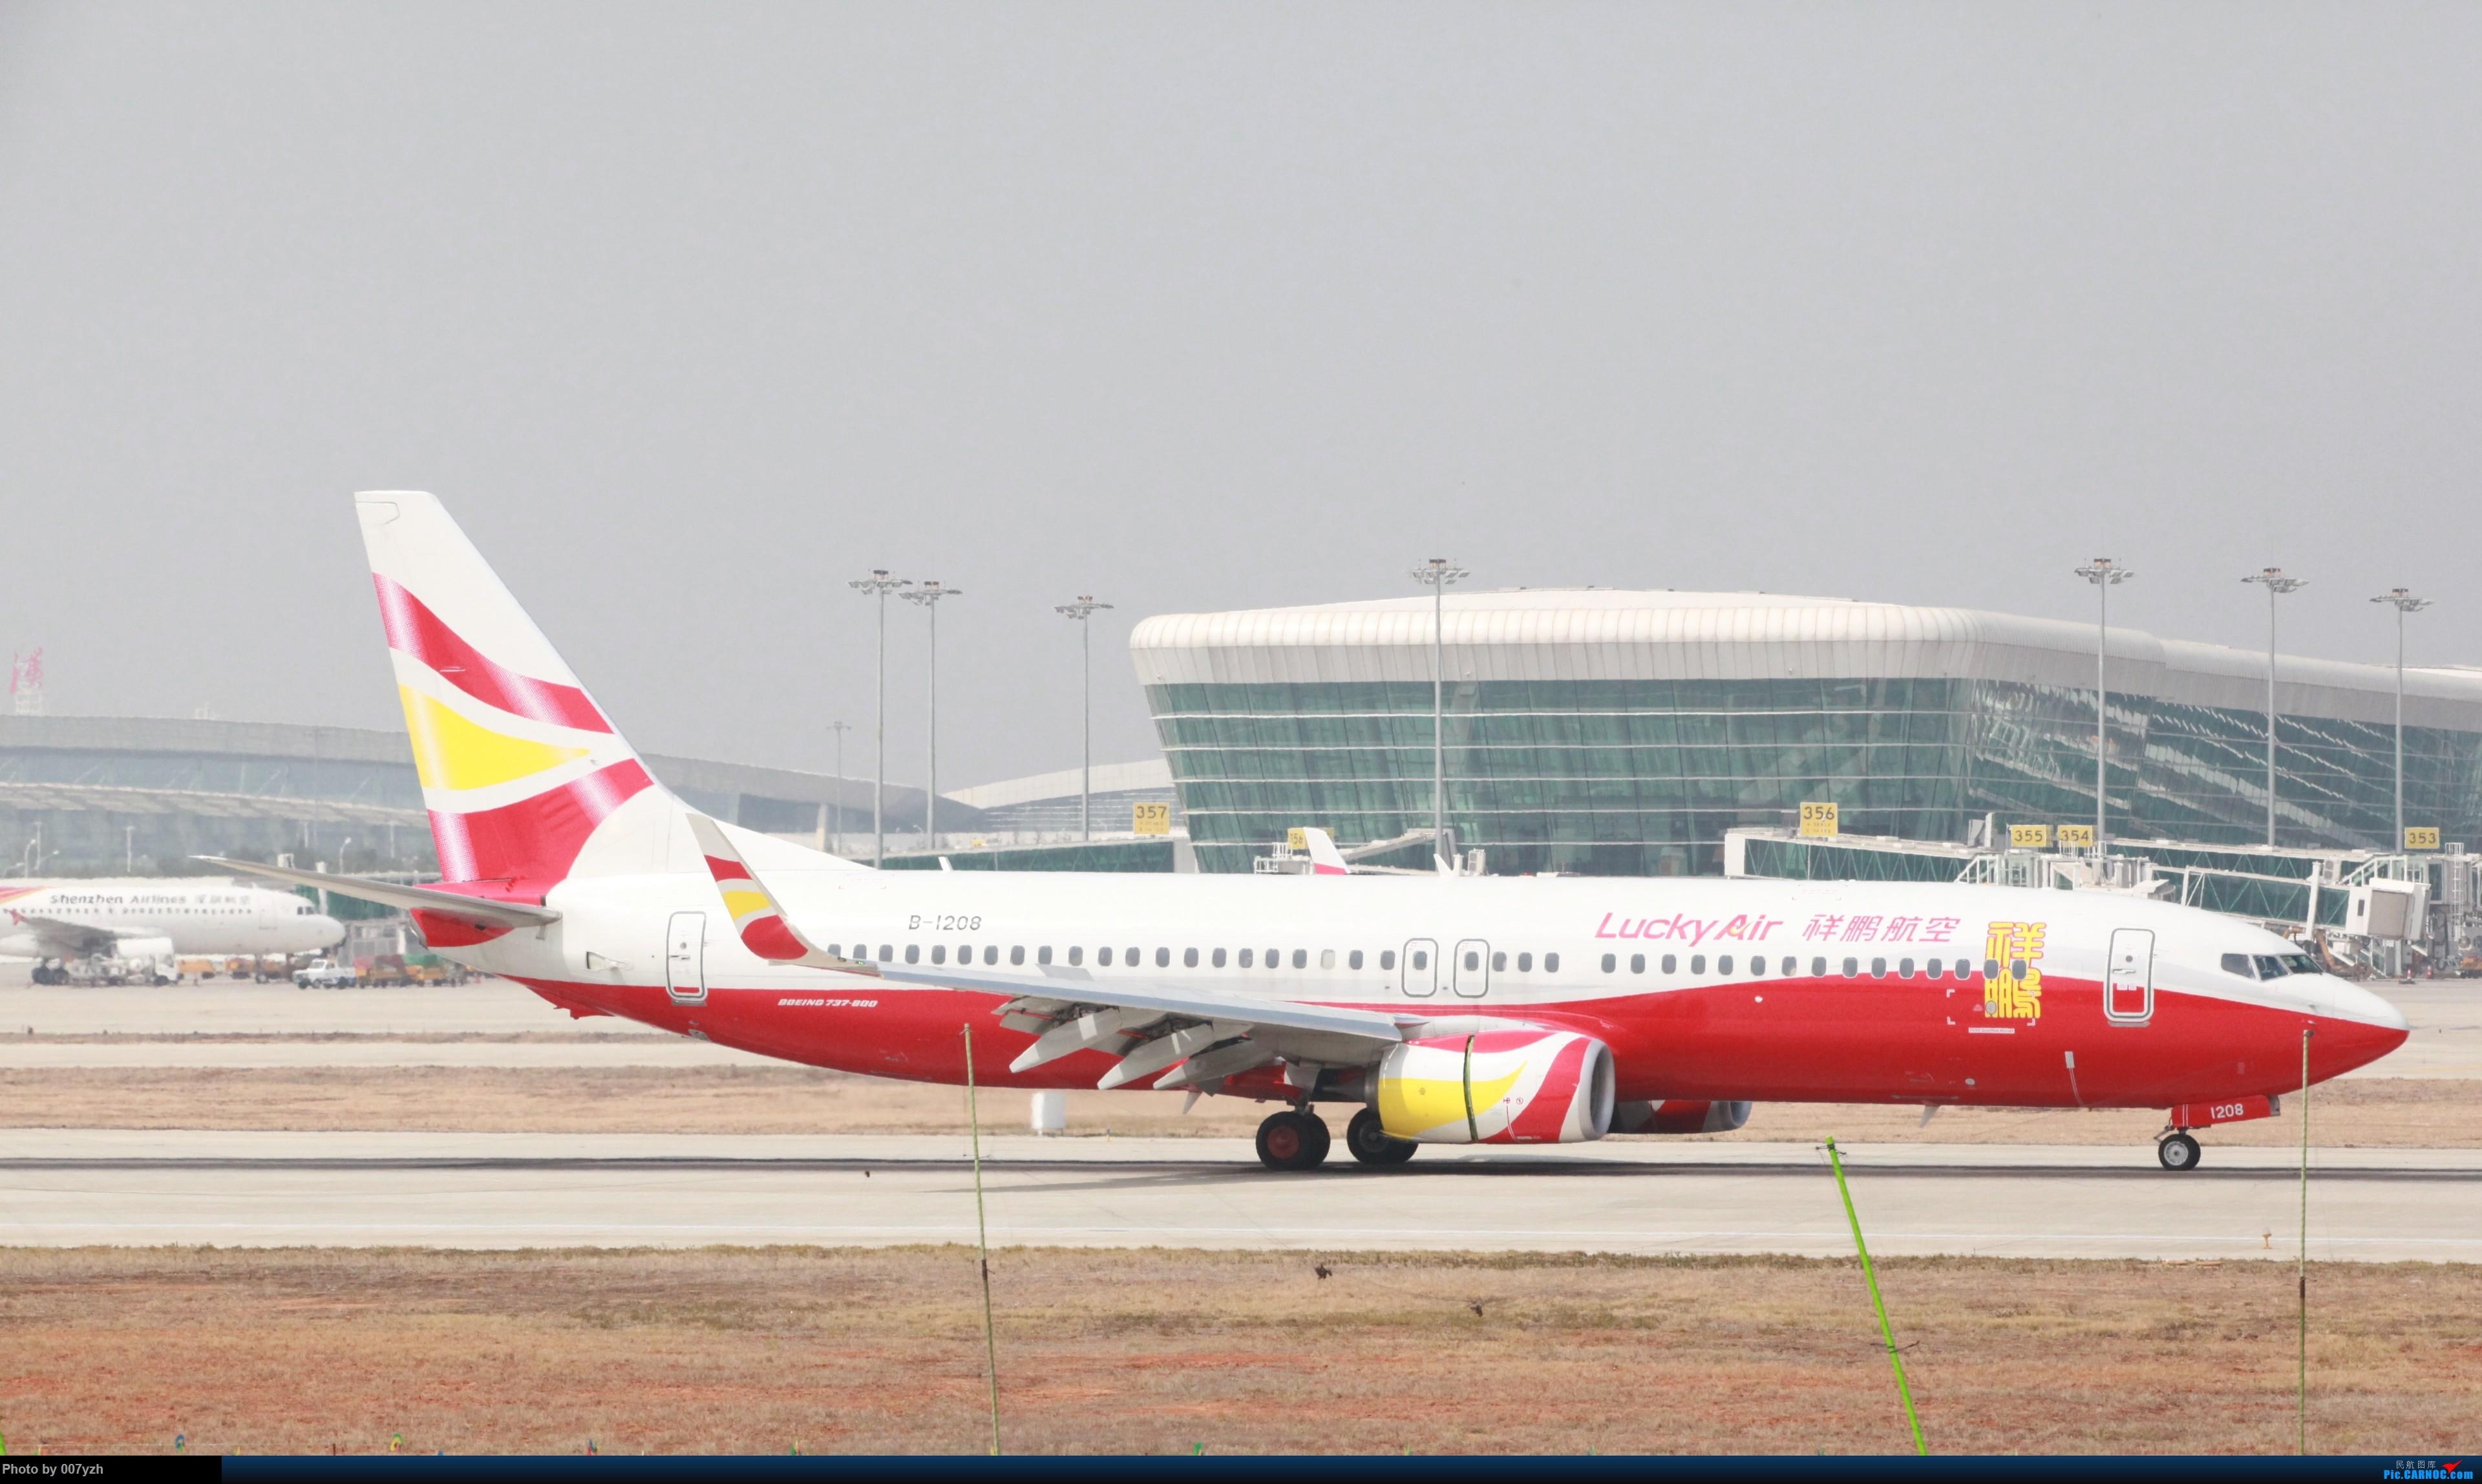 Re:[原创]WUH小拍,终于找到了在WUH拍机的组织 BOEING 737-800 B-1208 中国武汉天河国际机场